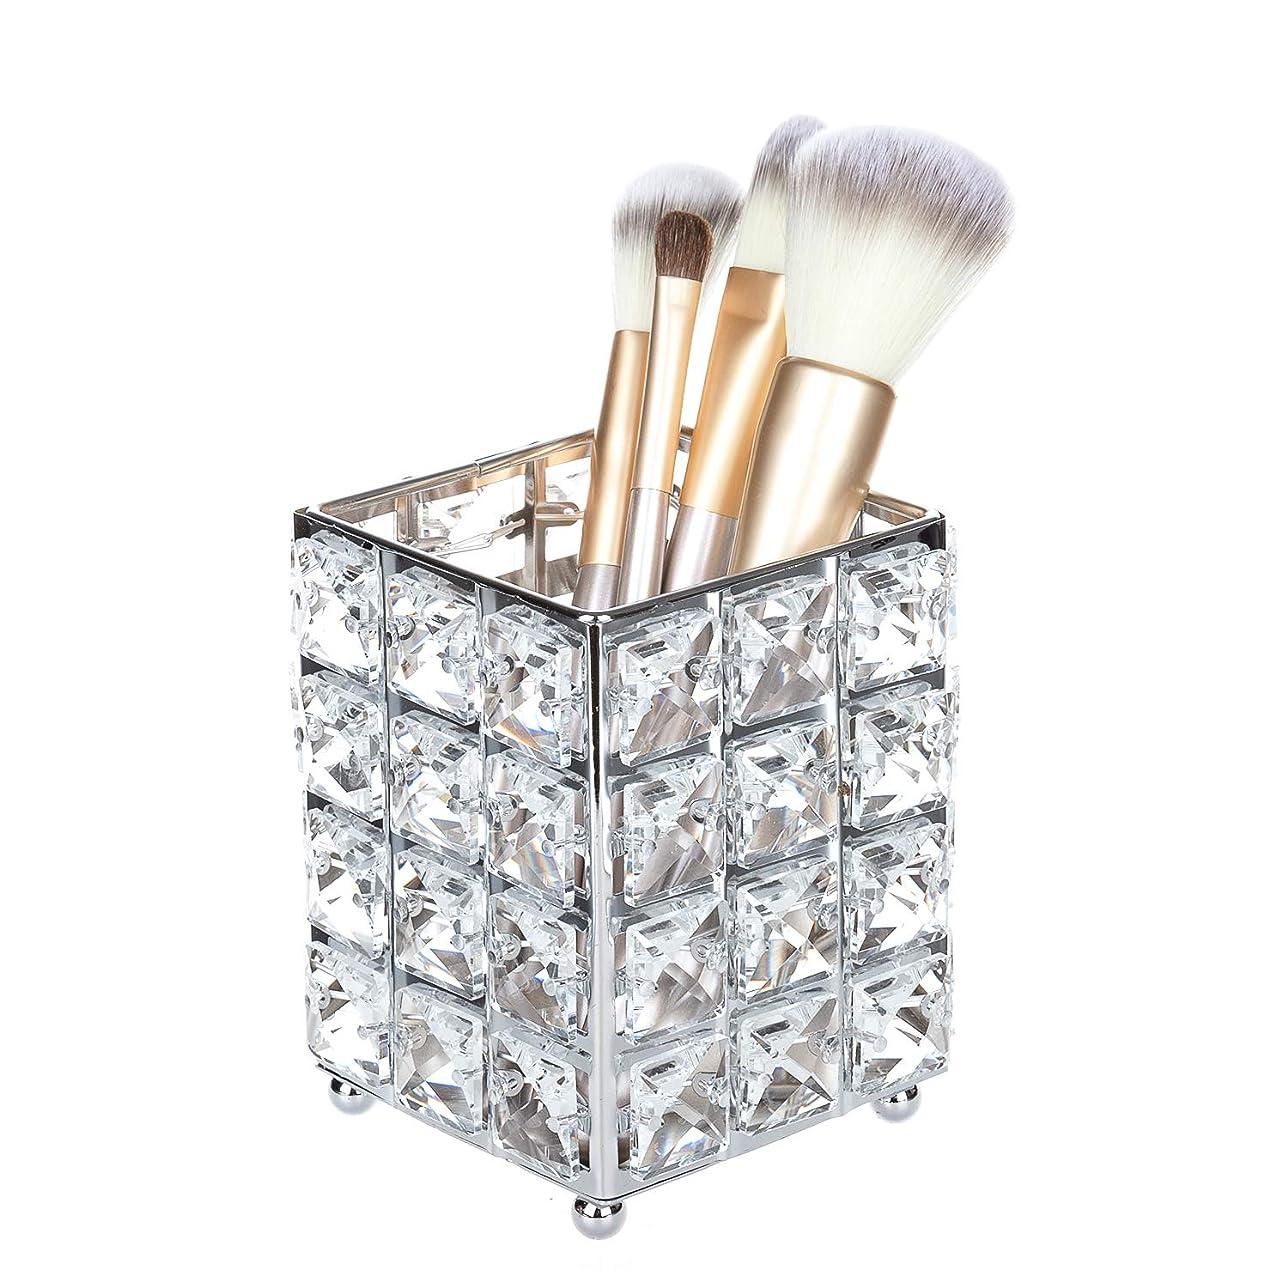 別にポップ説明Feyarl メイクブラシケース ブラシスタンド 化粧ブラシホルダー 化粧ブラシ収納 ブラシ入れ 小物収納 方形 シルバー